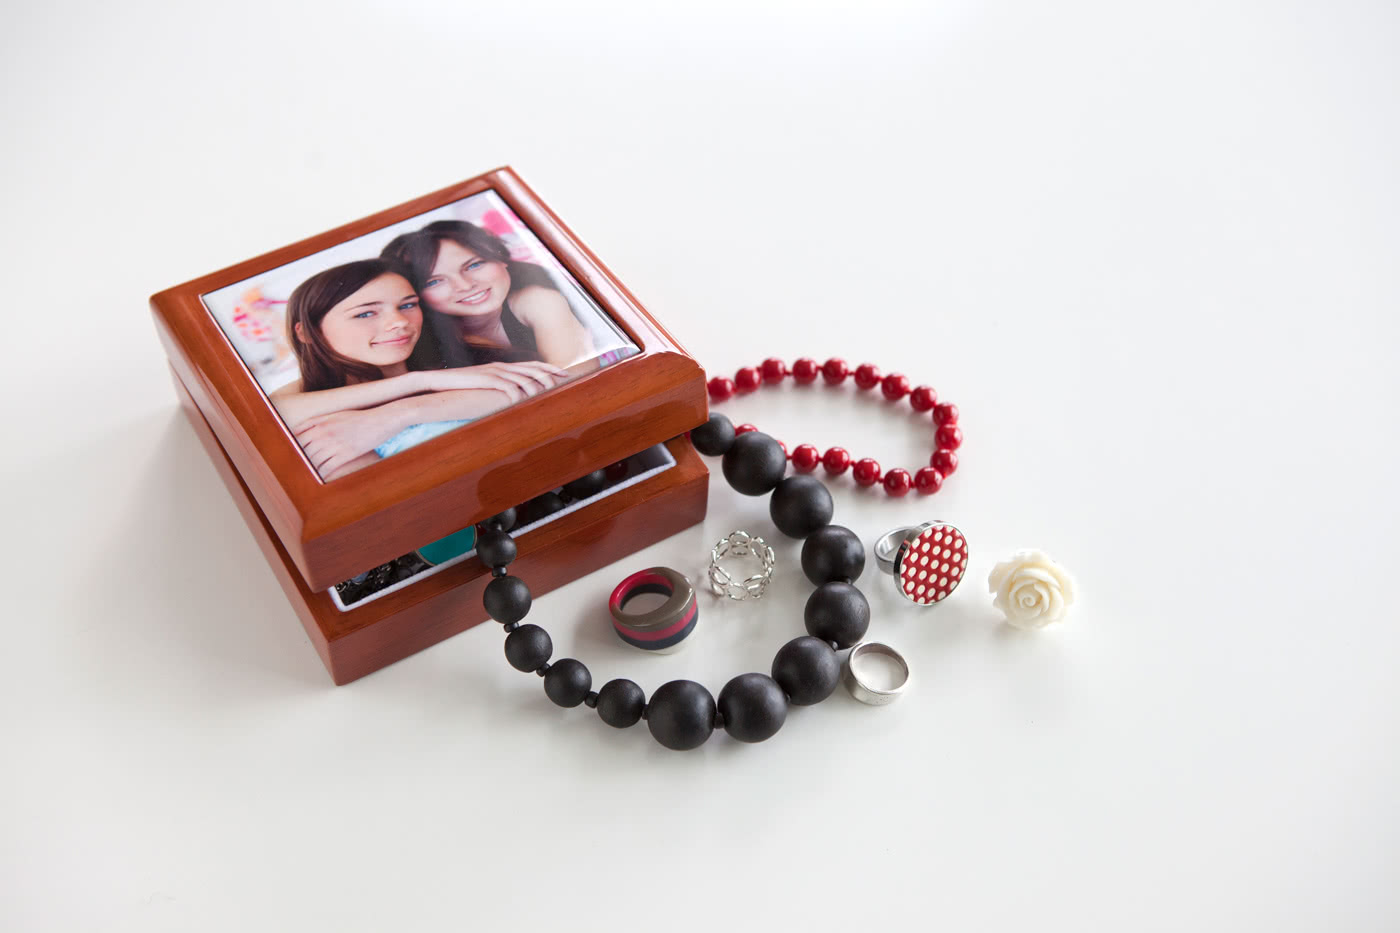 schmuckk stchen mit foto jetzt online selbst gestalten. Black Bedroom Furniture Sets. Home Design Ideas